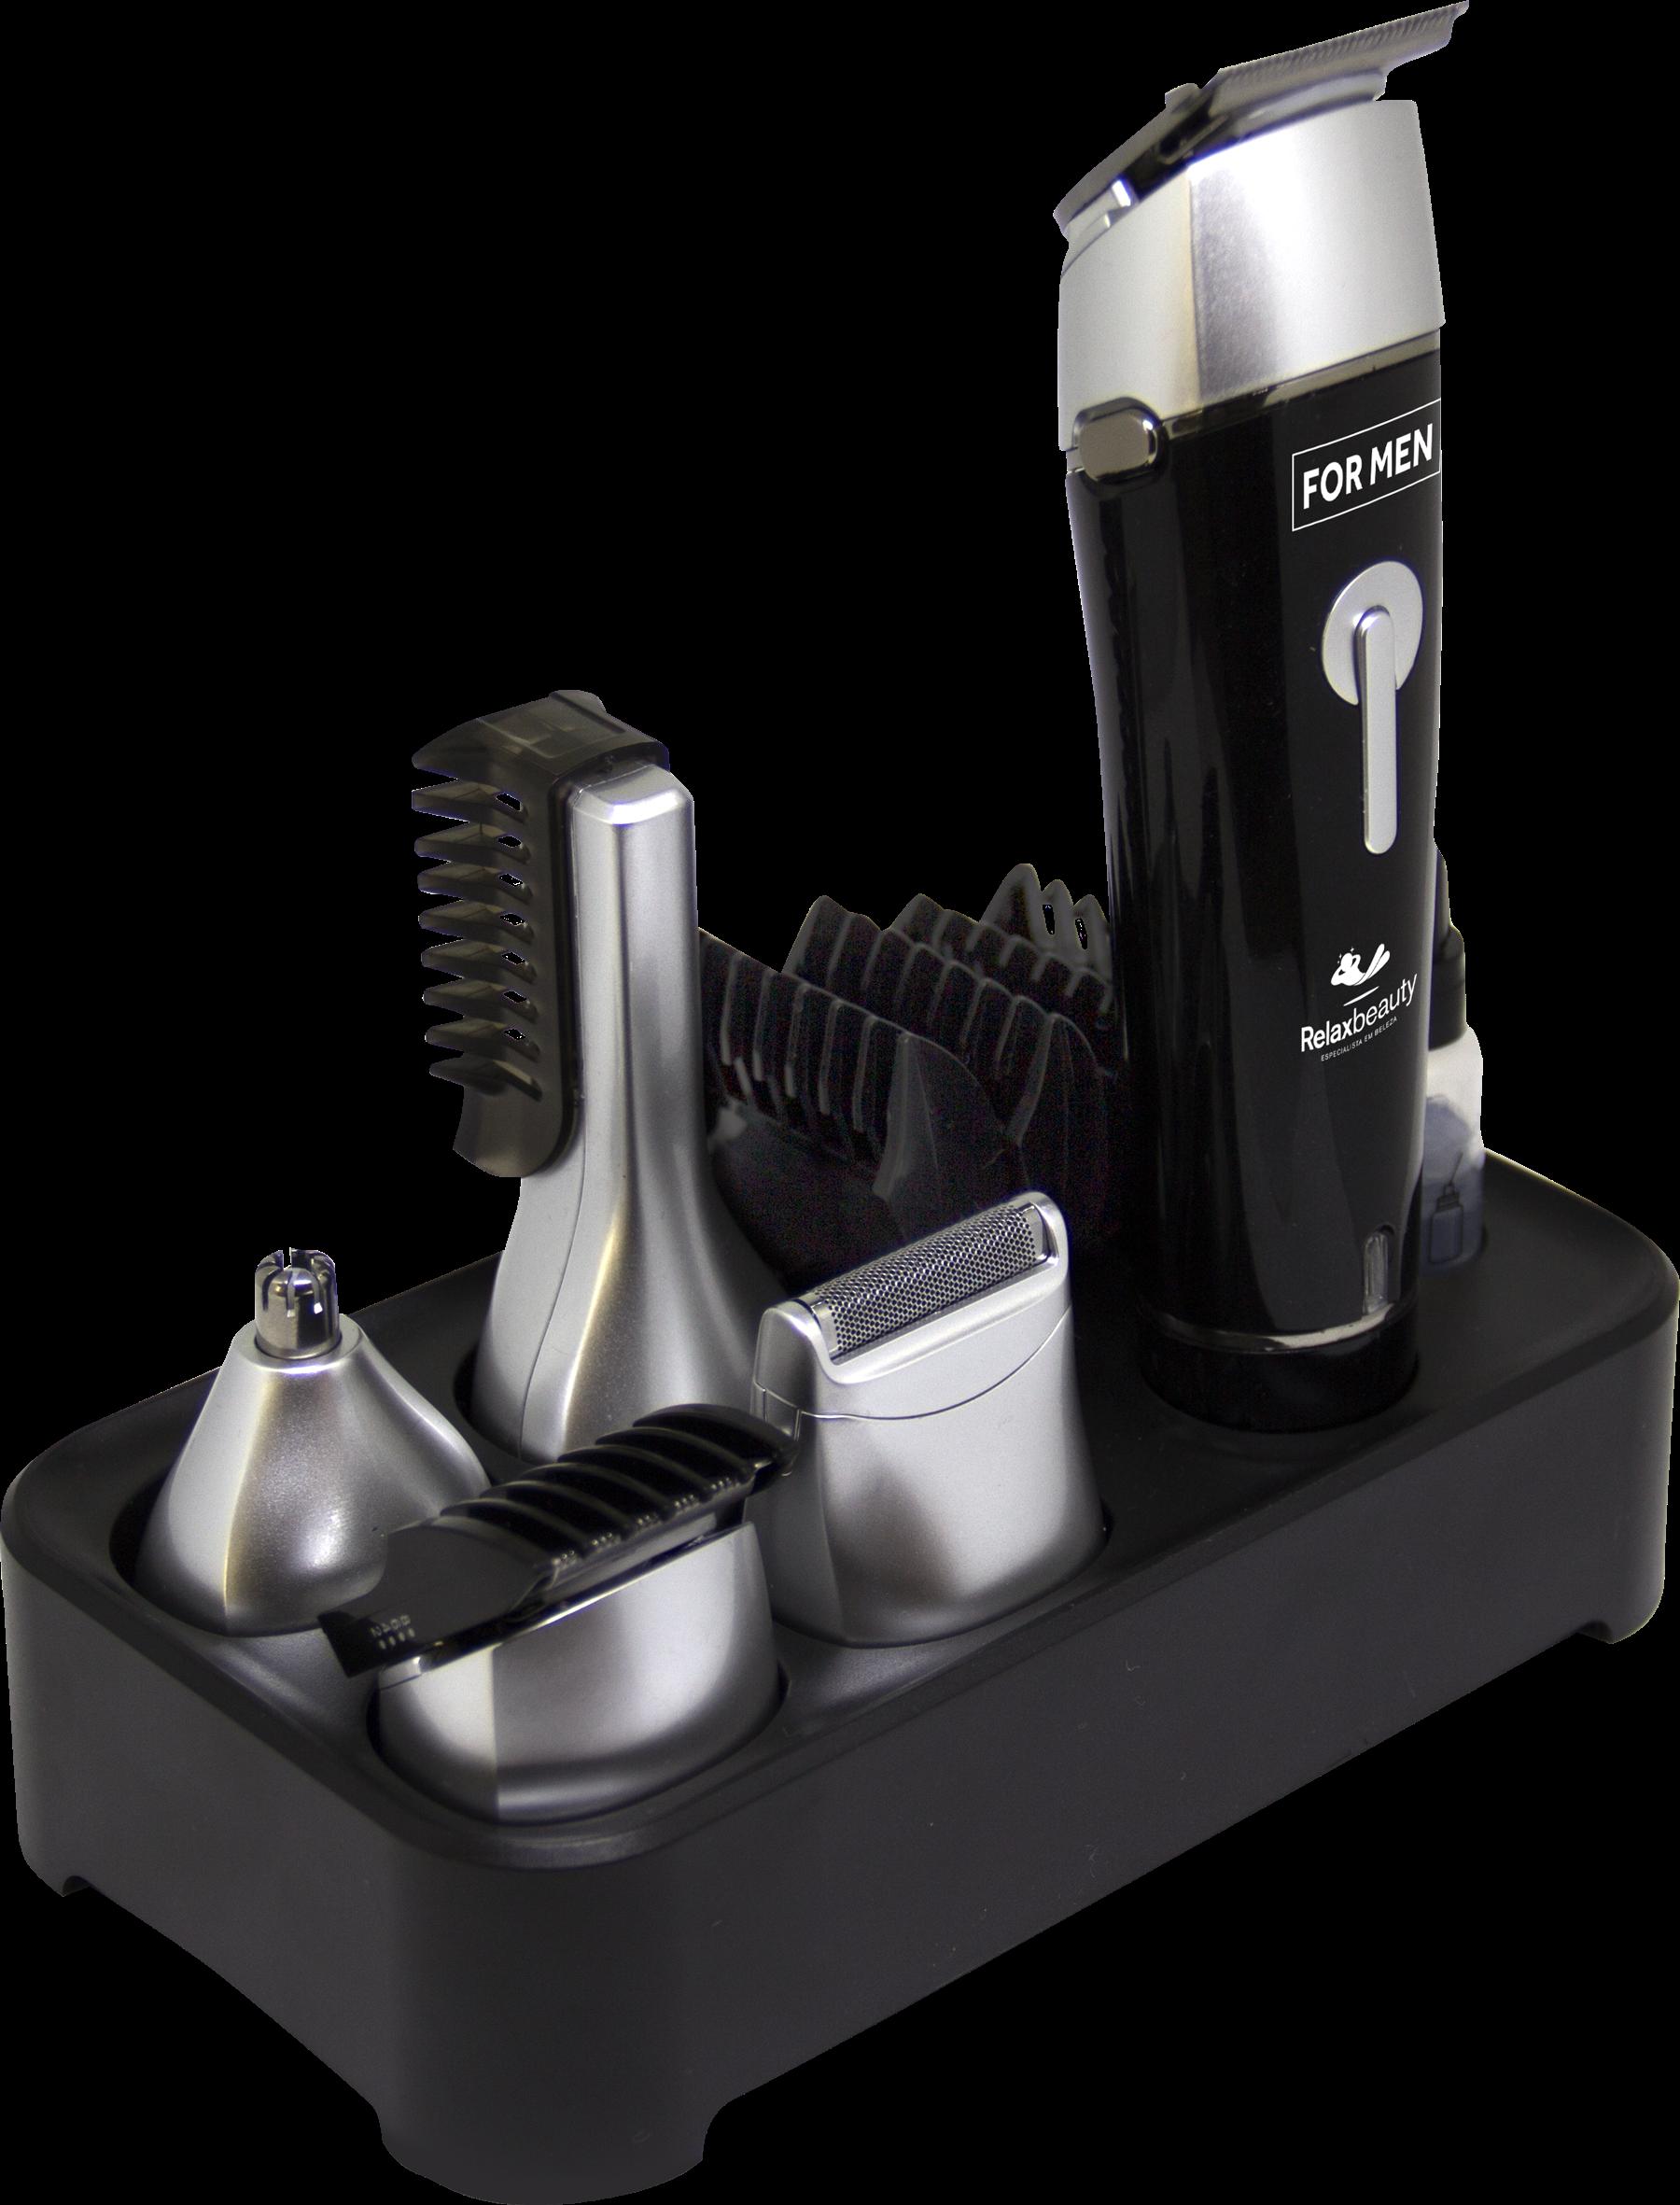 Barbeador Elétrico Á Prova D´água - Relax Multi Groom